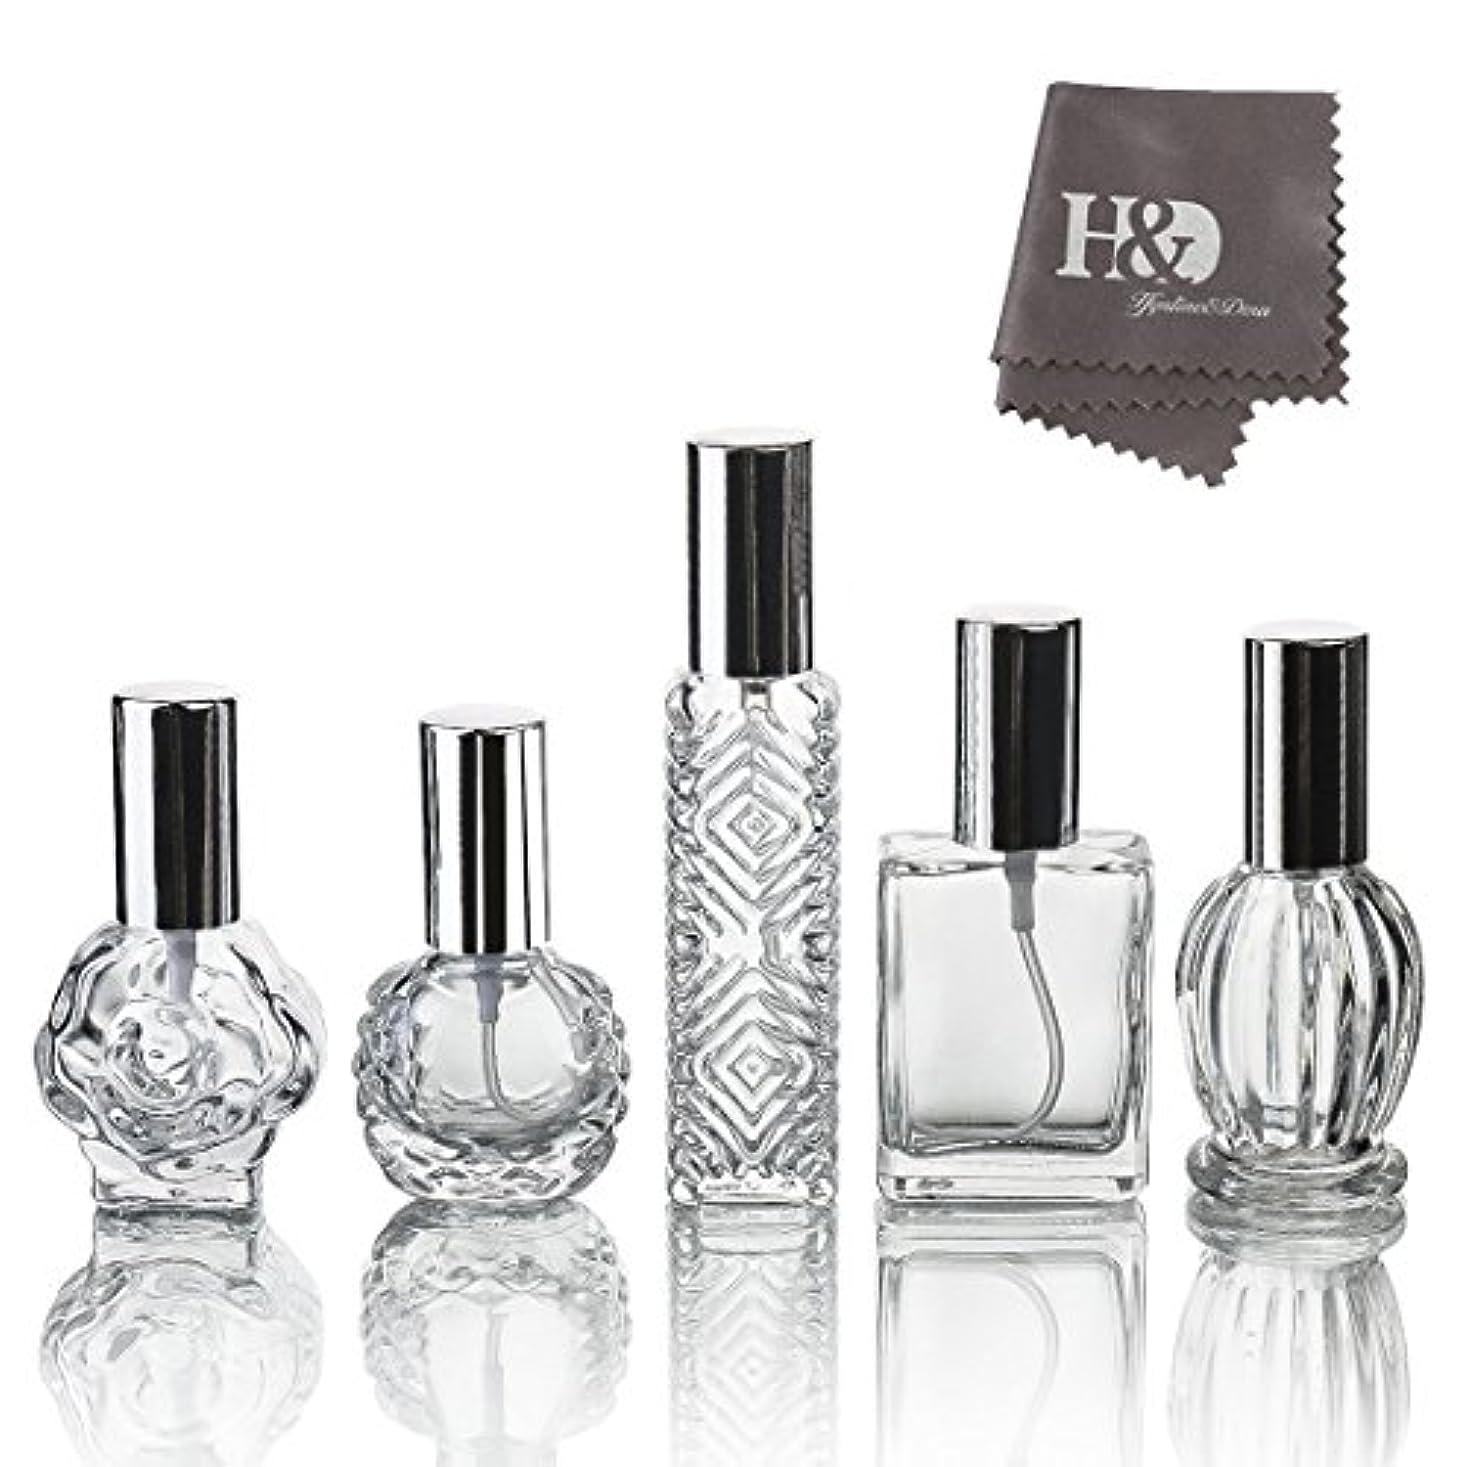 殺す一定明快H&D 5枚セット ガラスボトル 香水瓶 詰替用瓶 分け瓶 旅行用品 化粧水用瓶 装飾雑貨 ガラス製 (2)